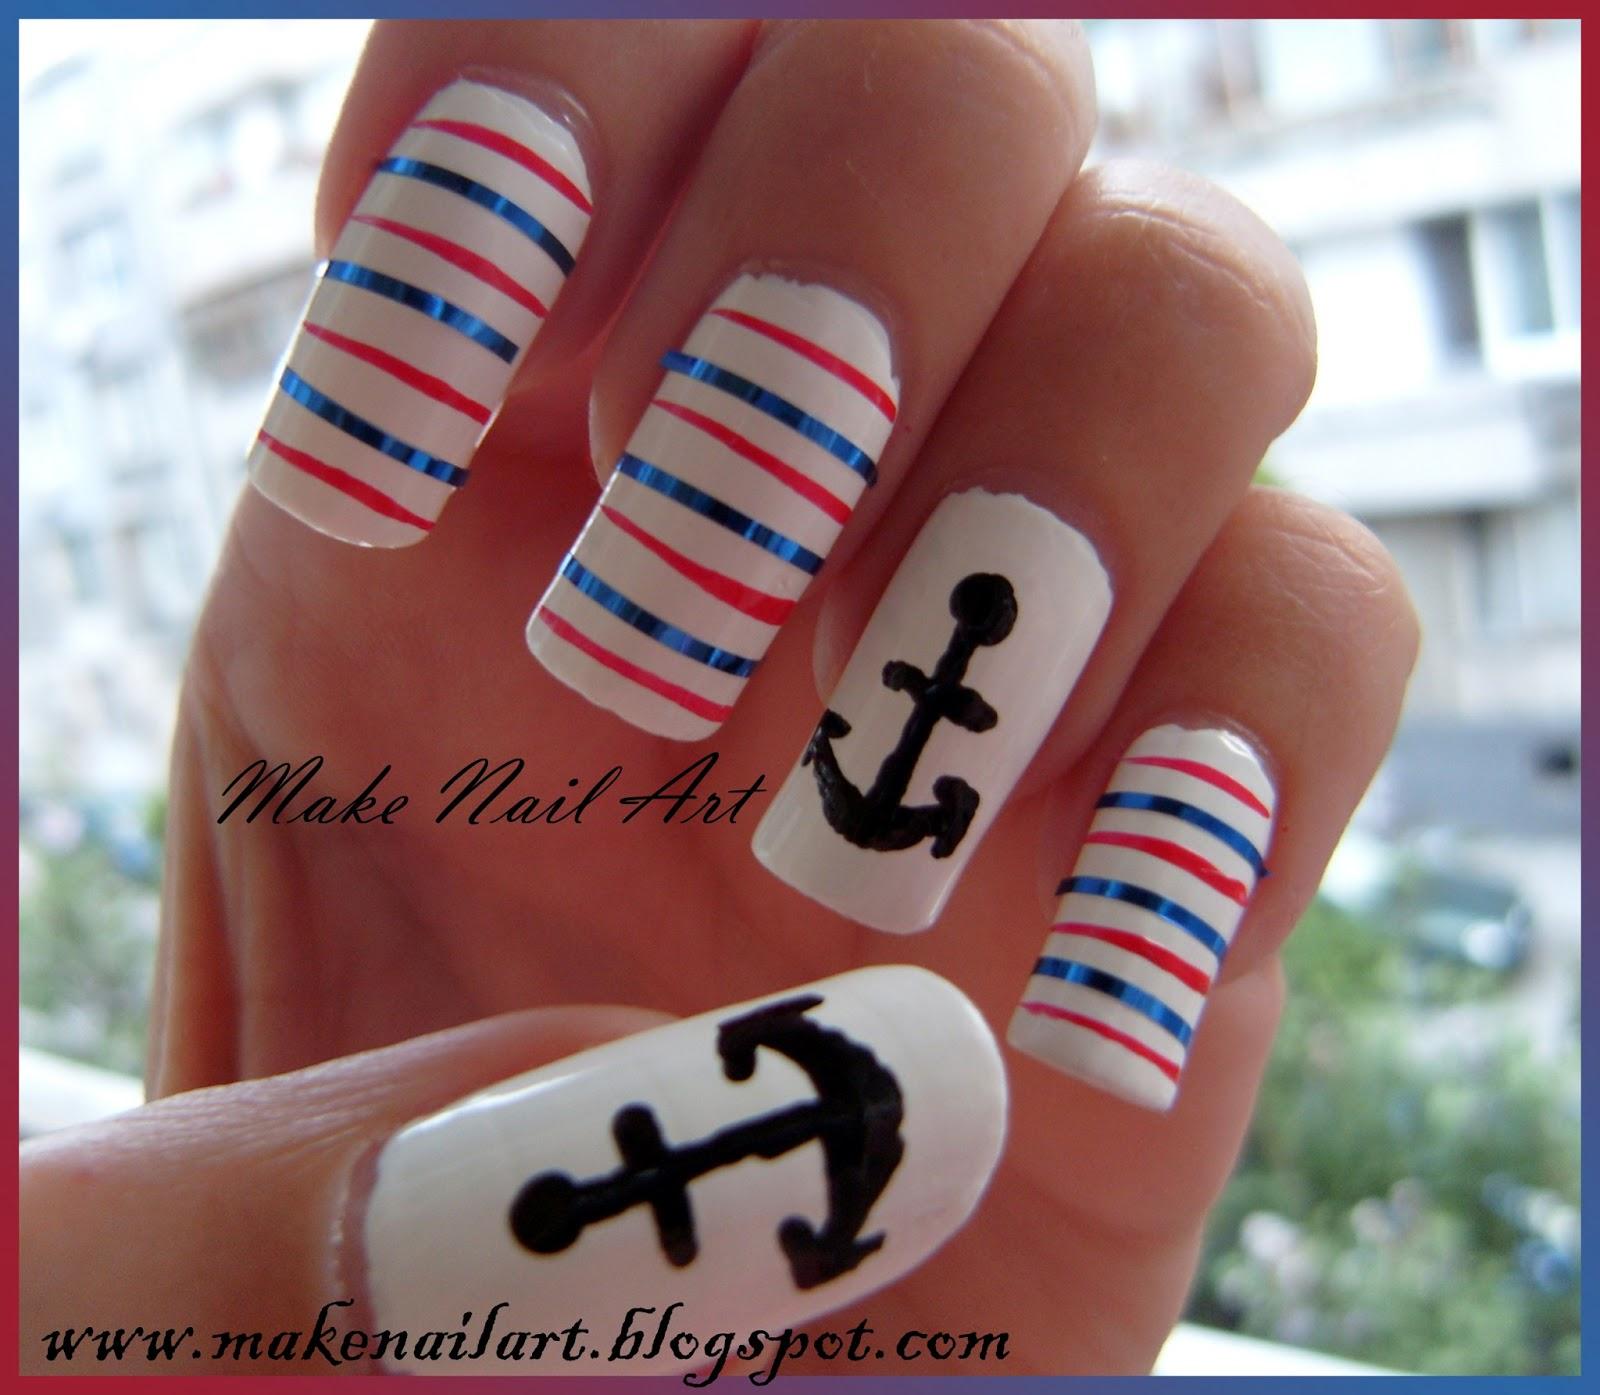 Make nail art may 2013 anchor nail art tutorial prinsesfo Choice Image